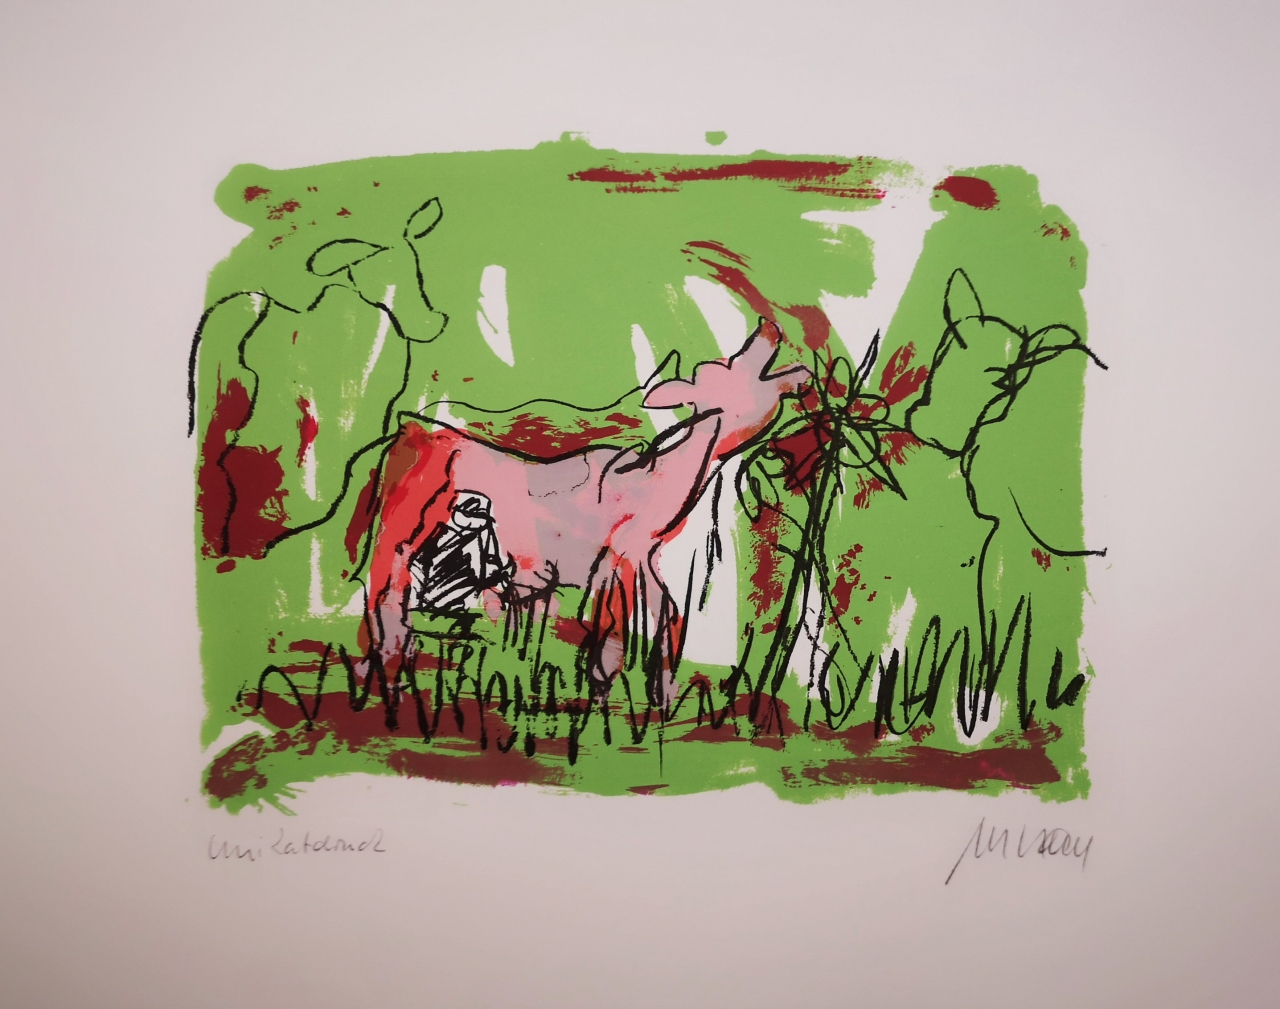 Sie kicherte beim Melken - Unikatdruck - No. IV - (Variante grün mit rosa Kuh)